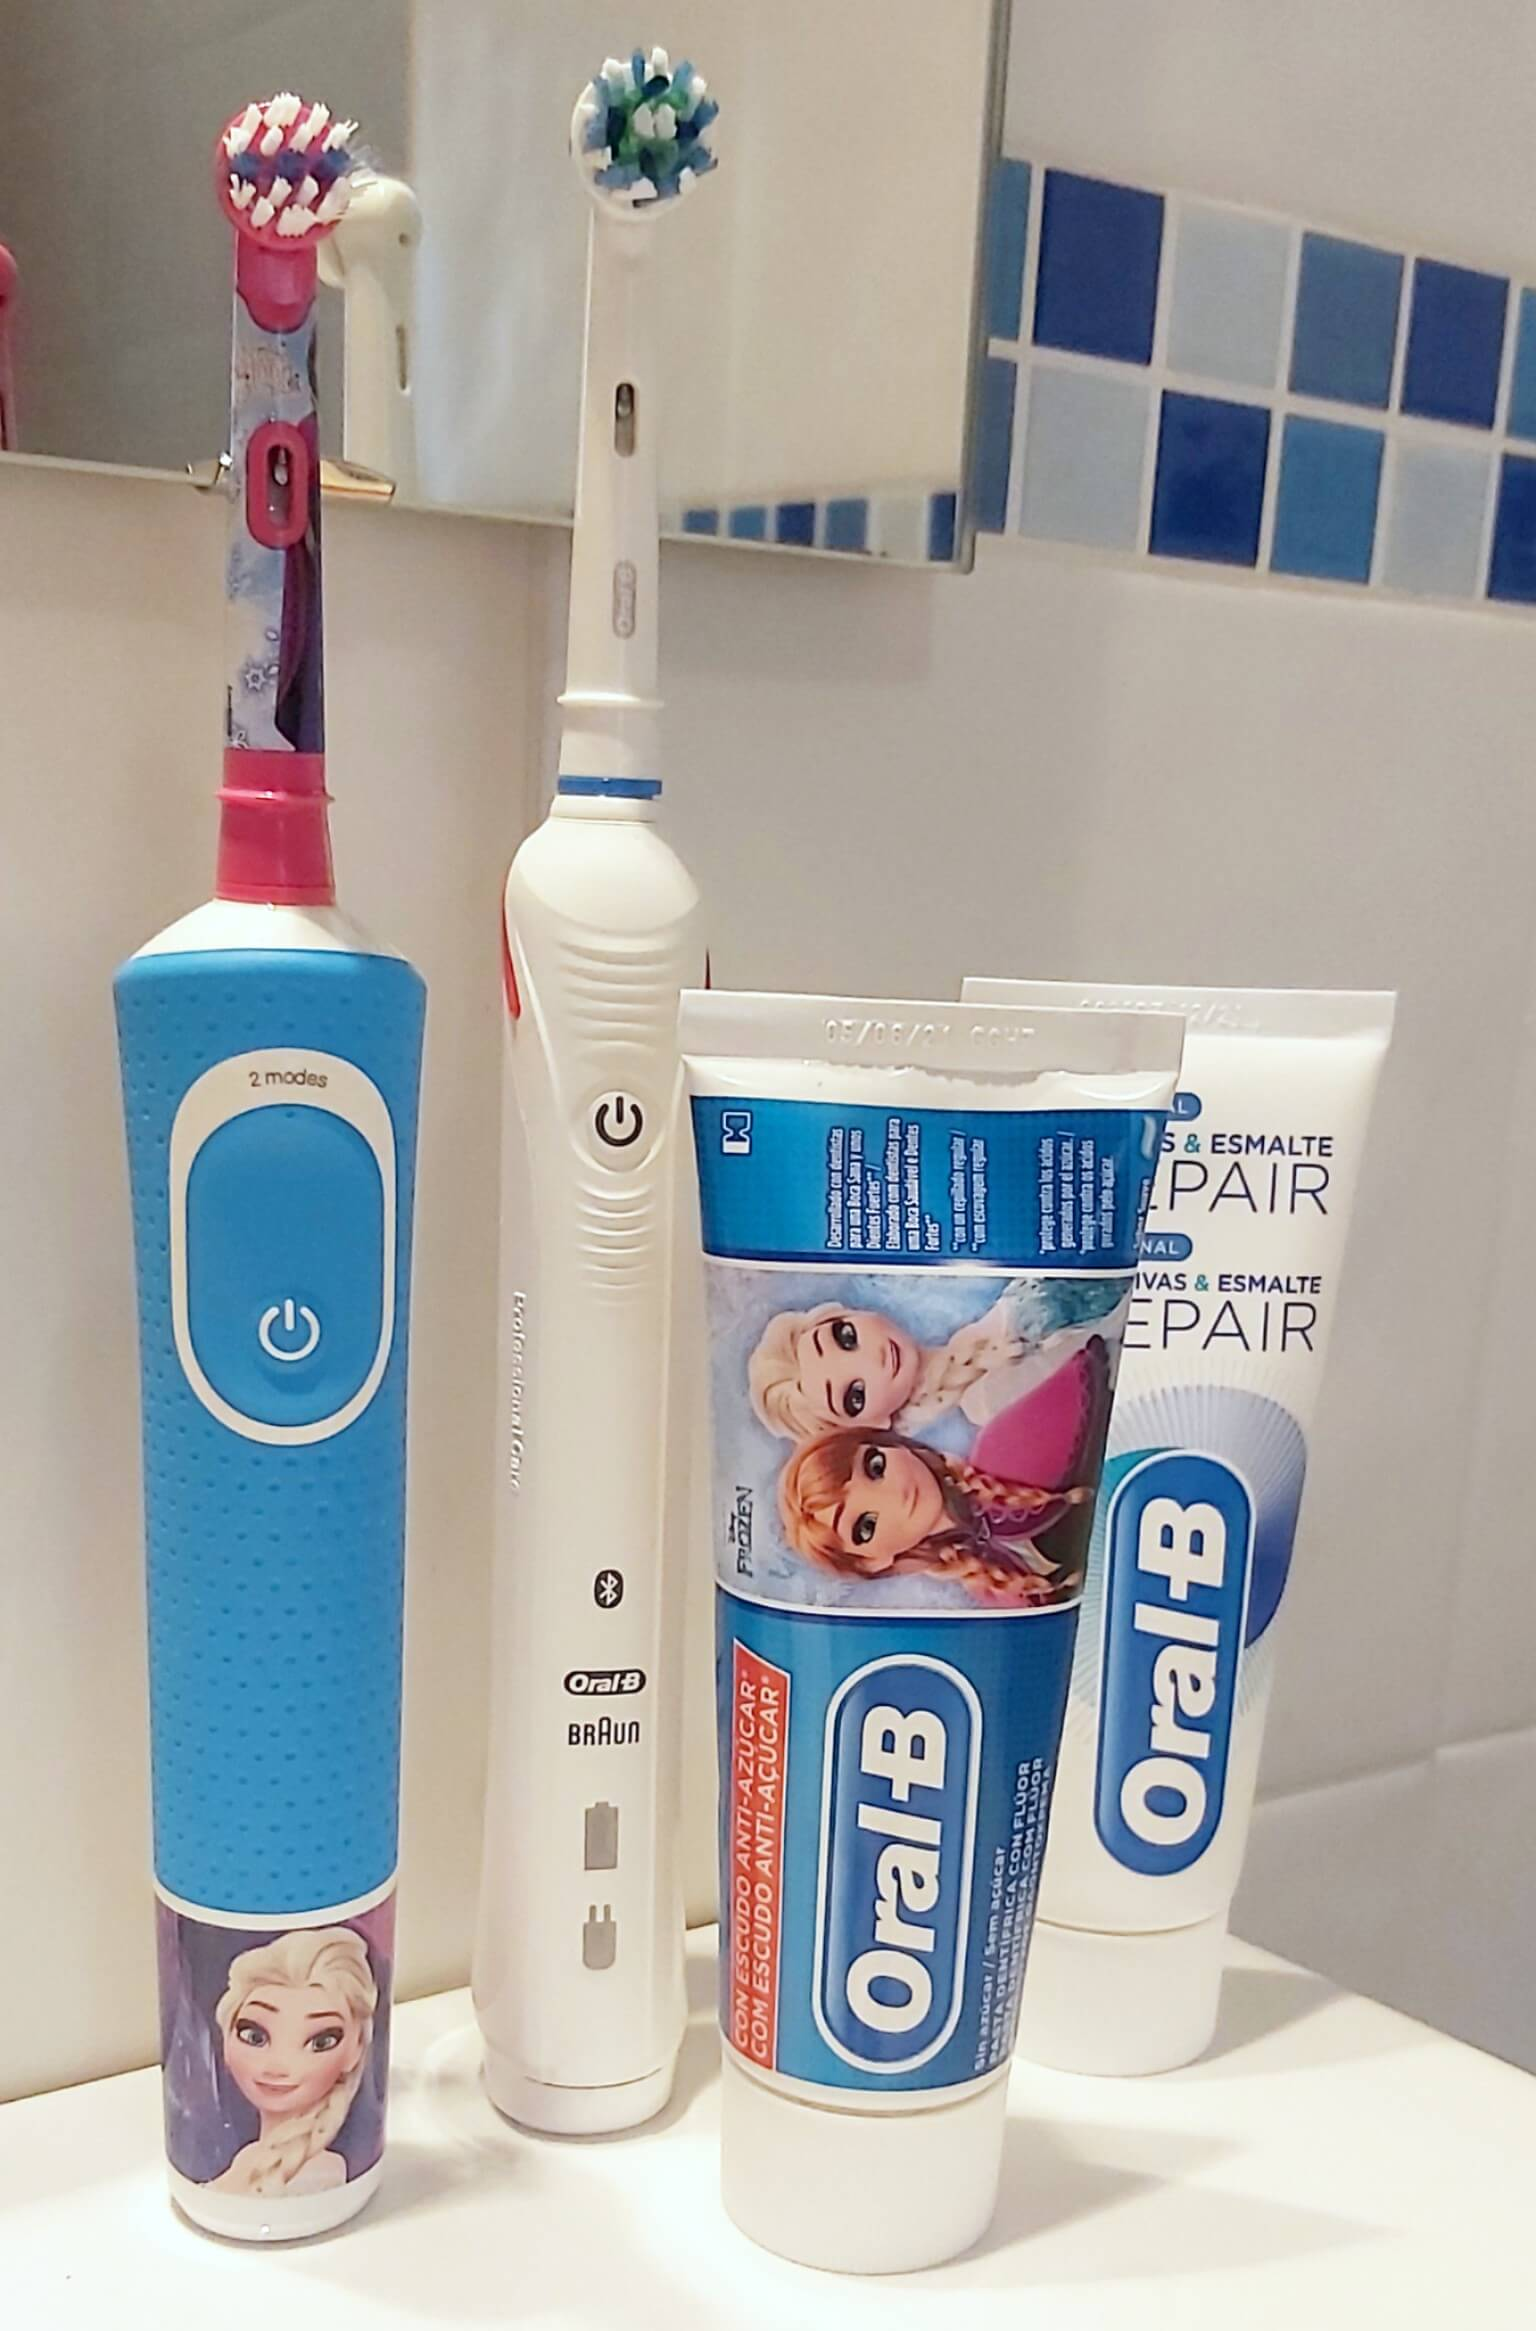 cepillos oral B